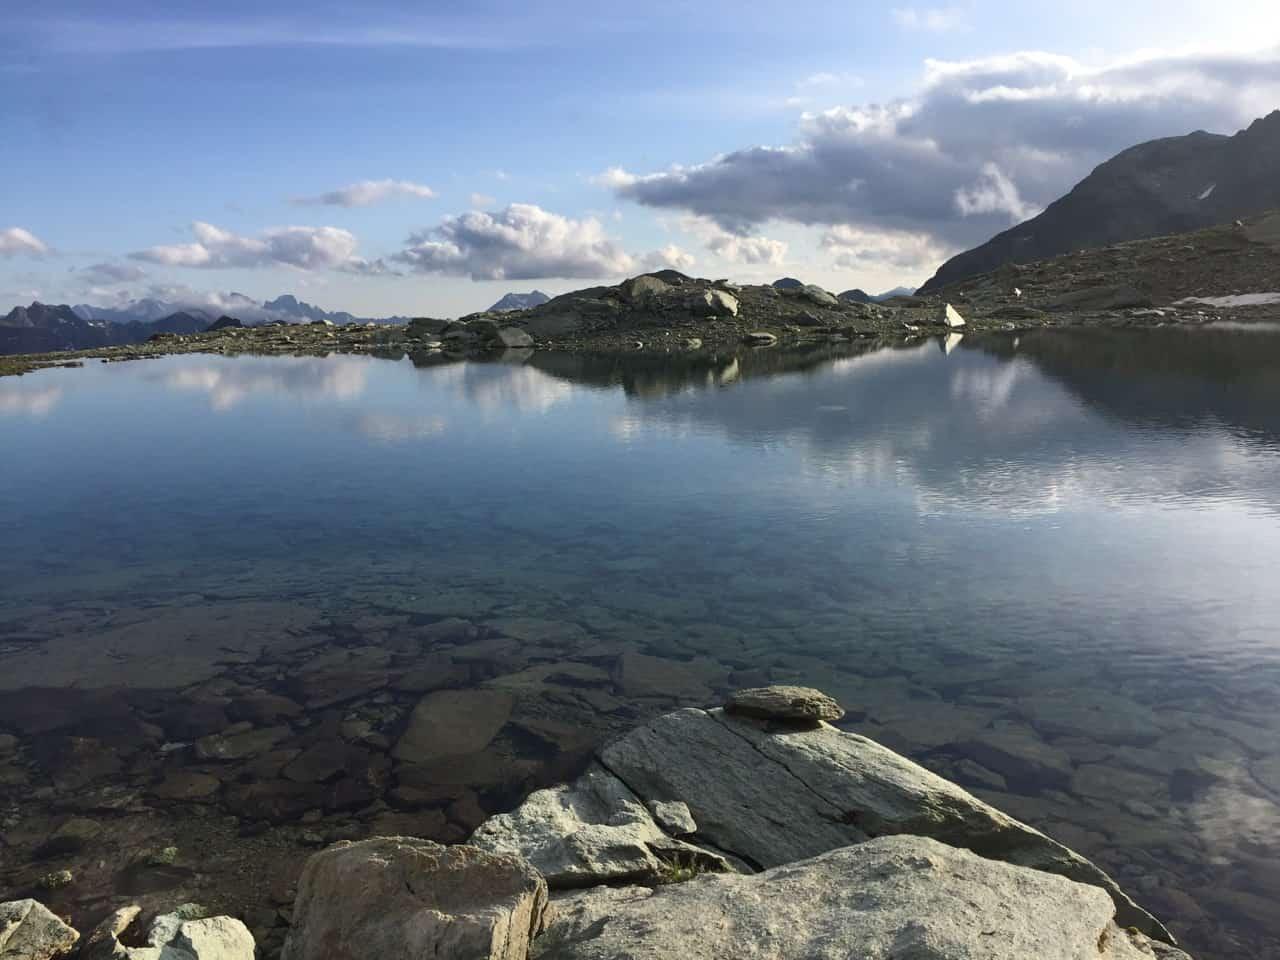 auszeit schweiz am blauen bergsee, finde dein inneres gleichgewicht